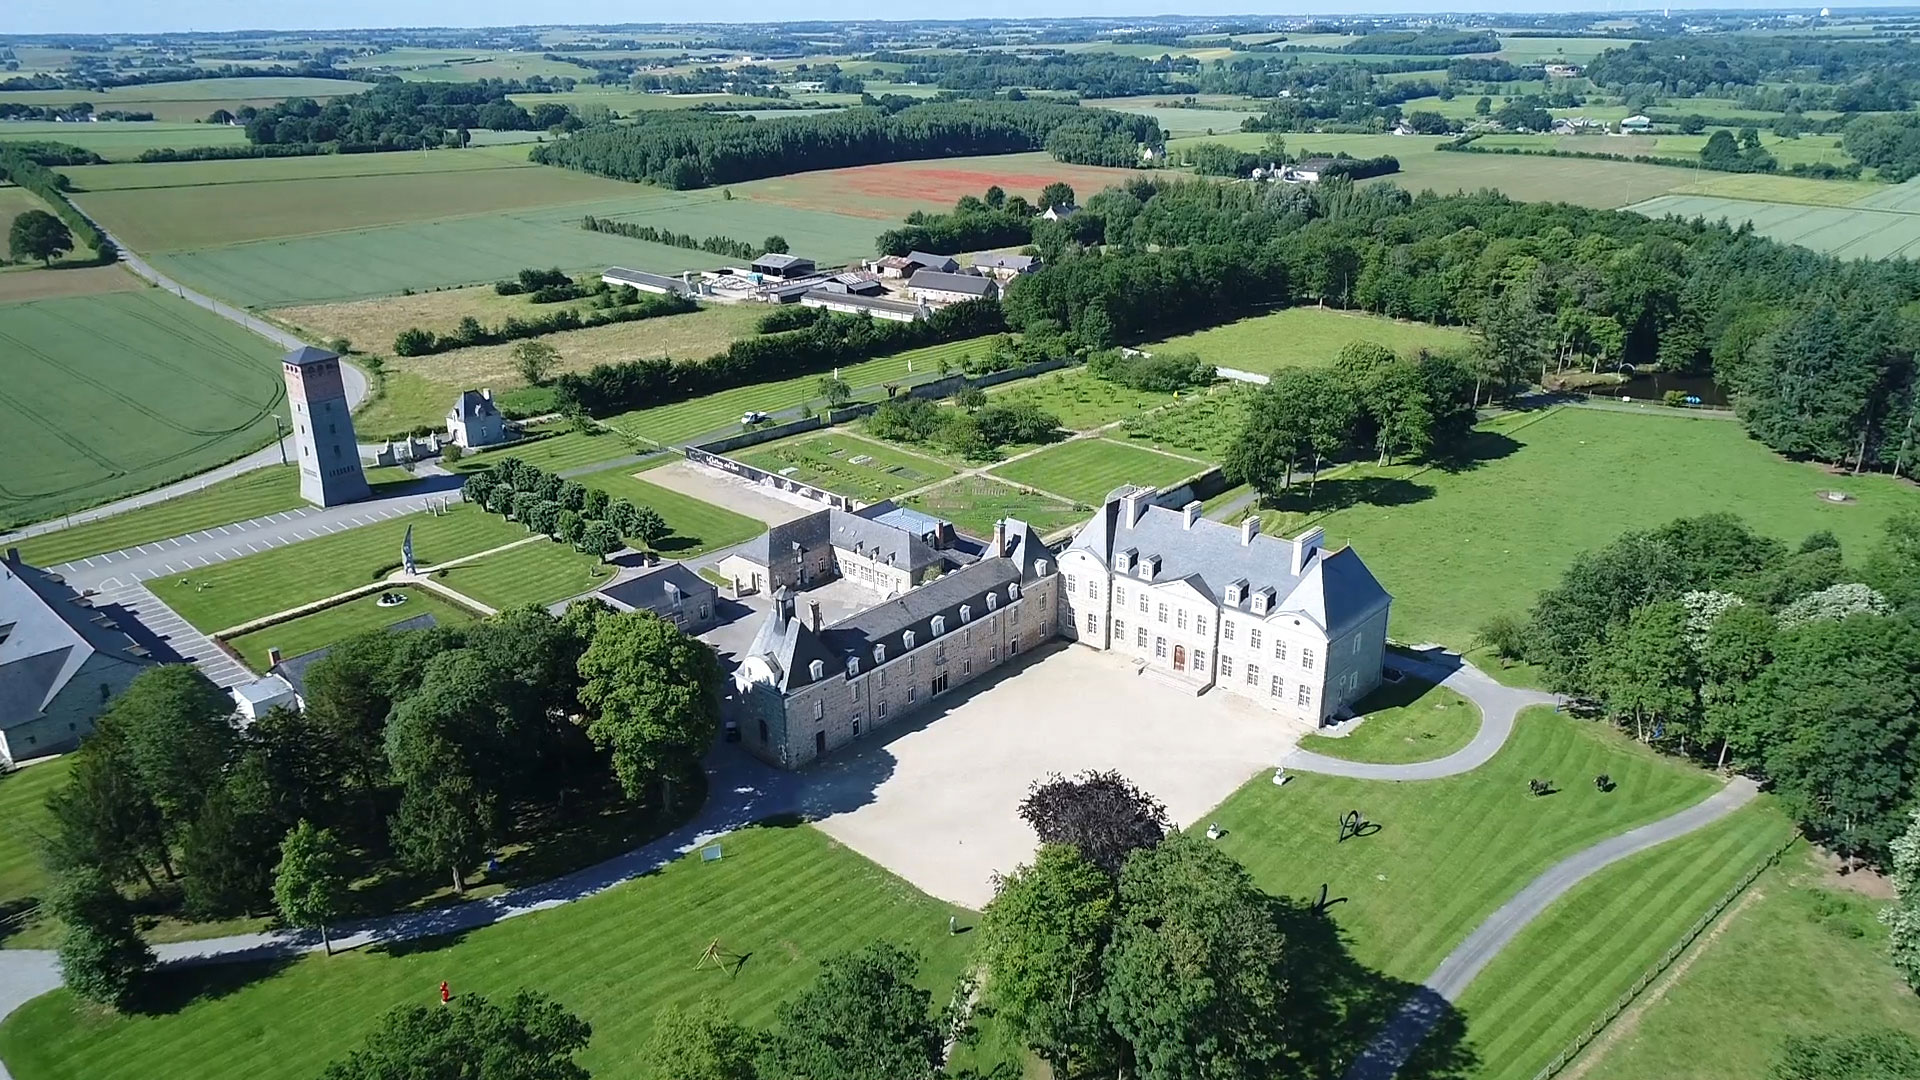 Vivez une expérience culinaire exceptionnelle suspendue dans les cîmes des arbres du Château des Pères en Bretagne